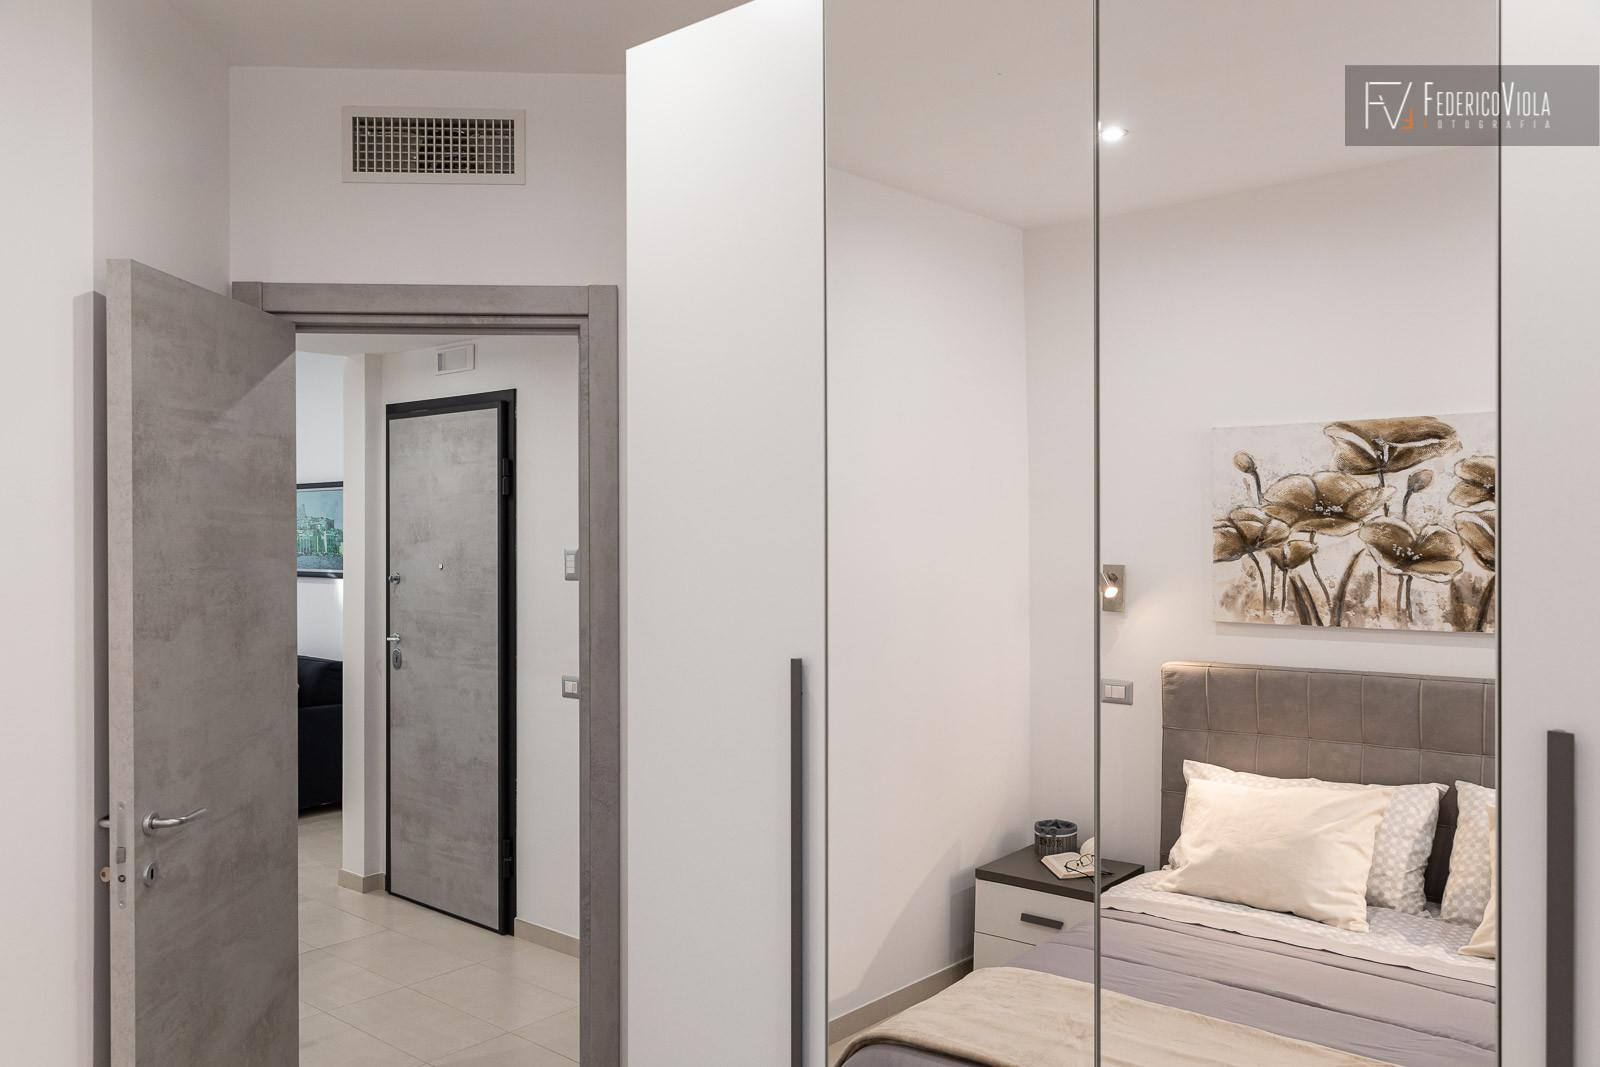 Foto-appartamento-mv-in-affitto-Gaeta-21